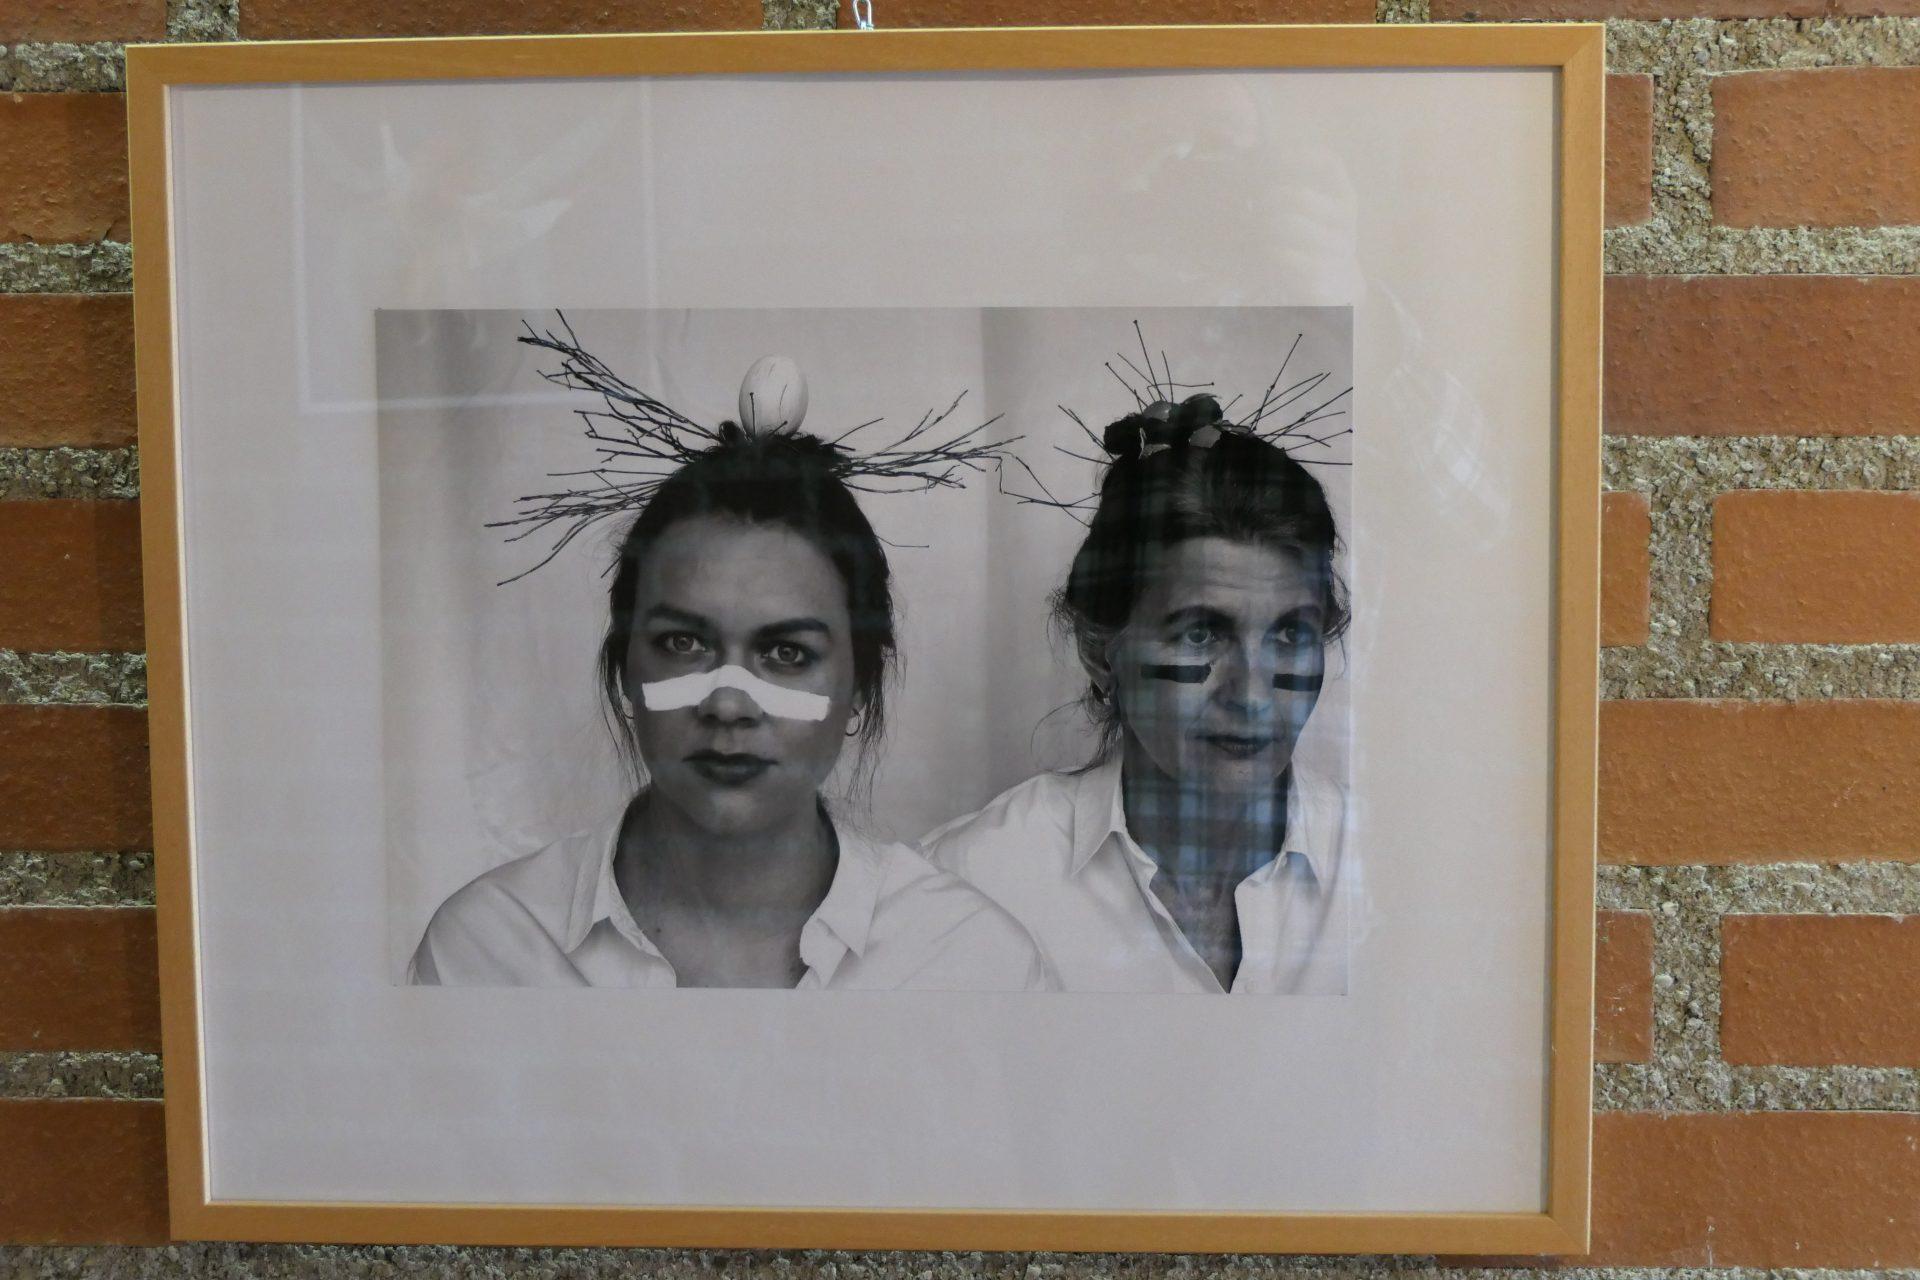 female die Rollenbilder einer Frau, Fruchtbarkeitssymbole von Gruppe Birgit Röhrig Gemeinschaftsprojekt mit Danile und Carola Röhrig, Töchter, Fotoserie mit SW Fotografien.jpgJPG